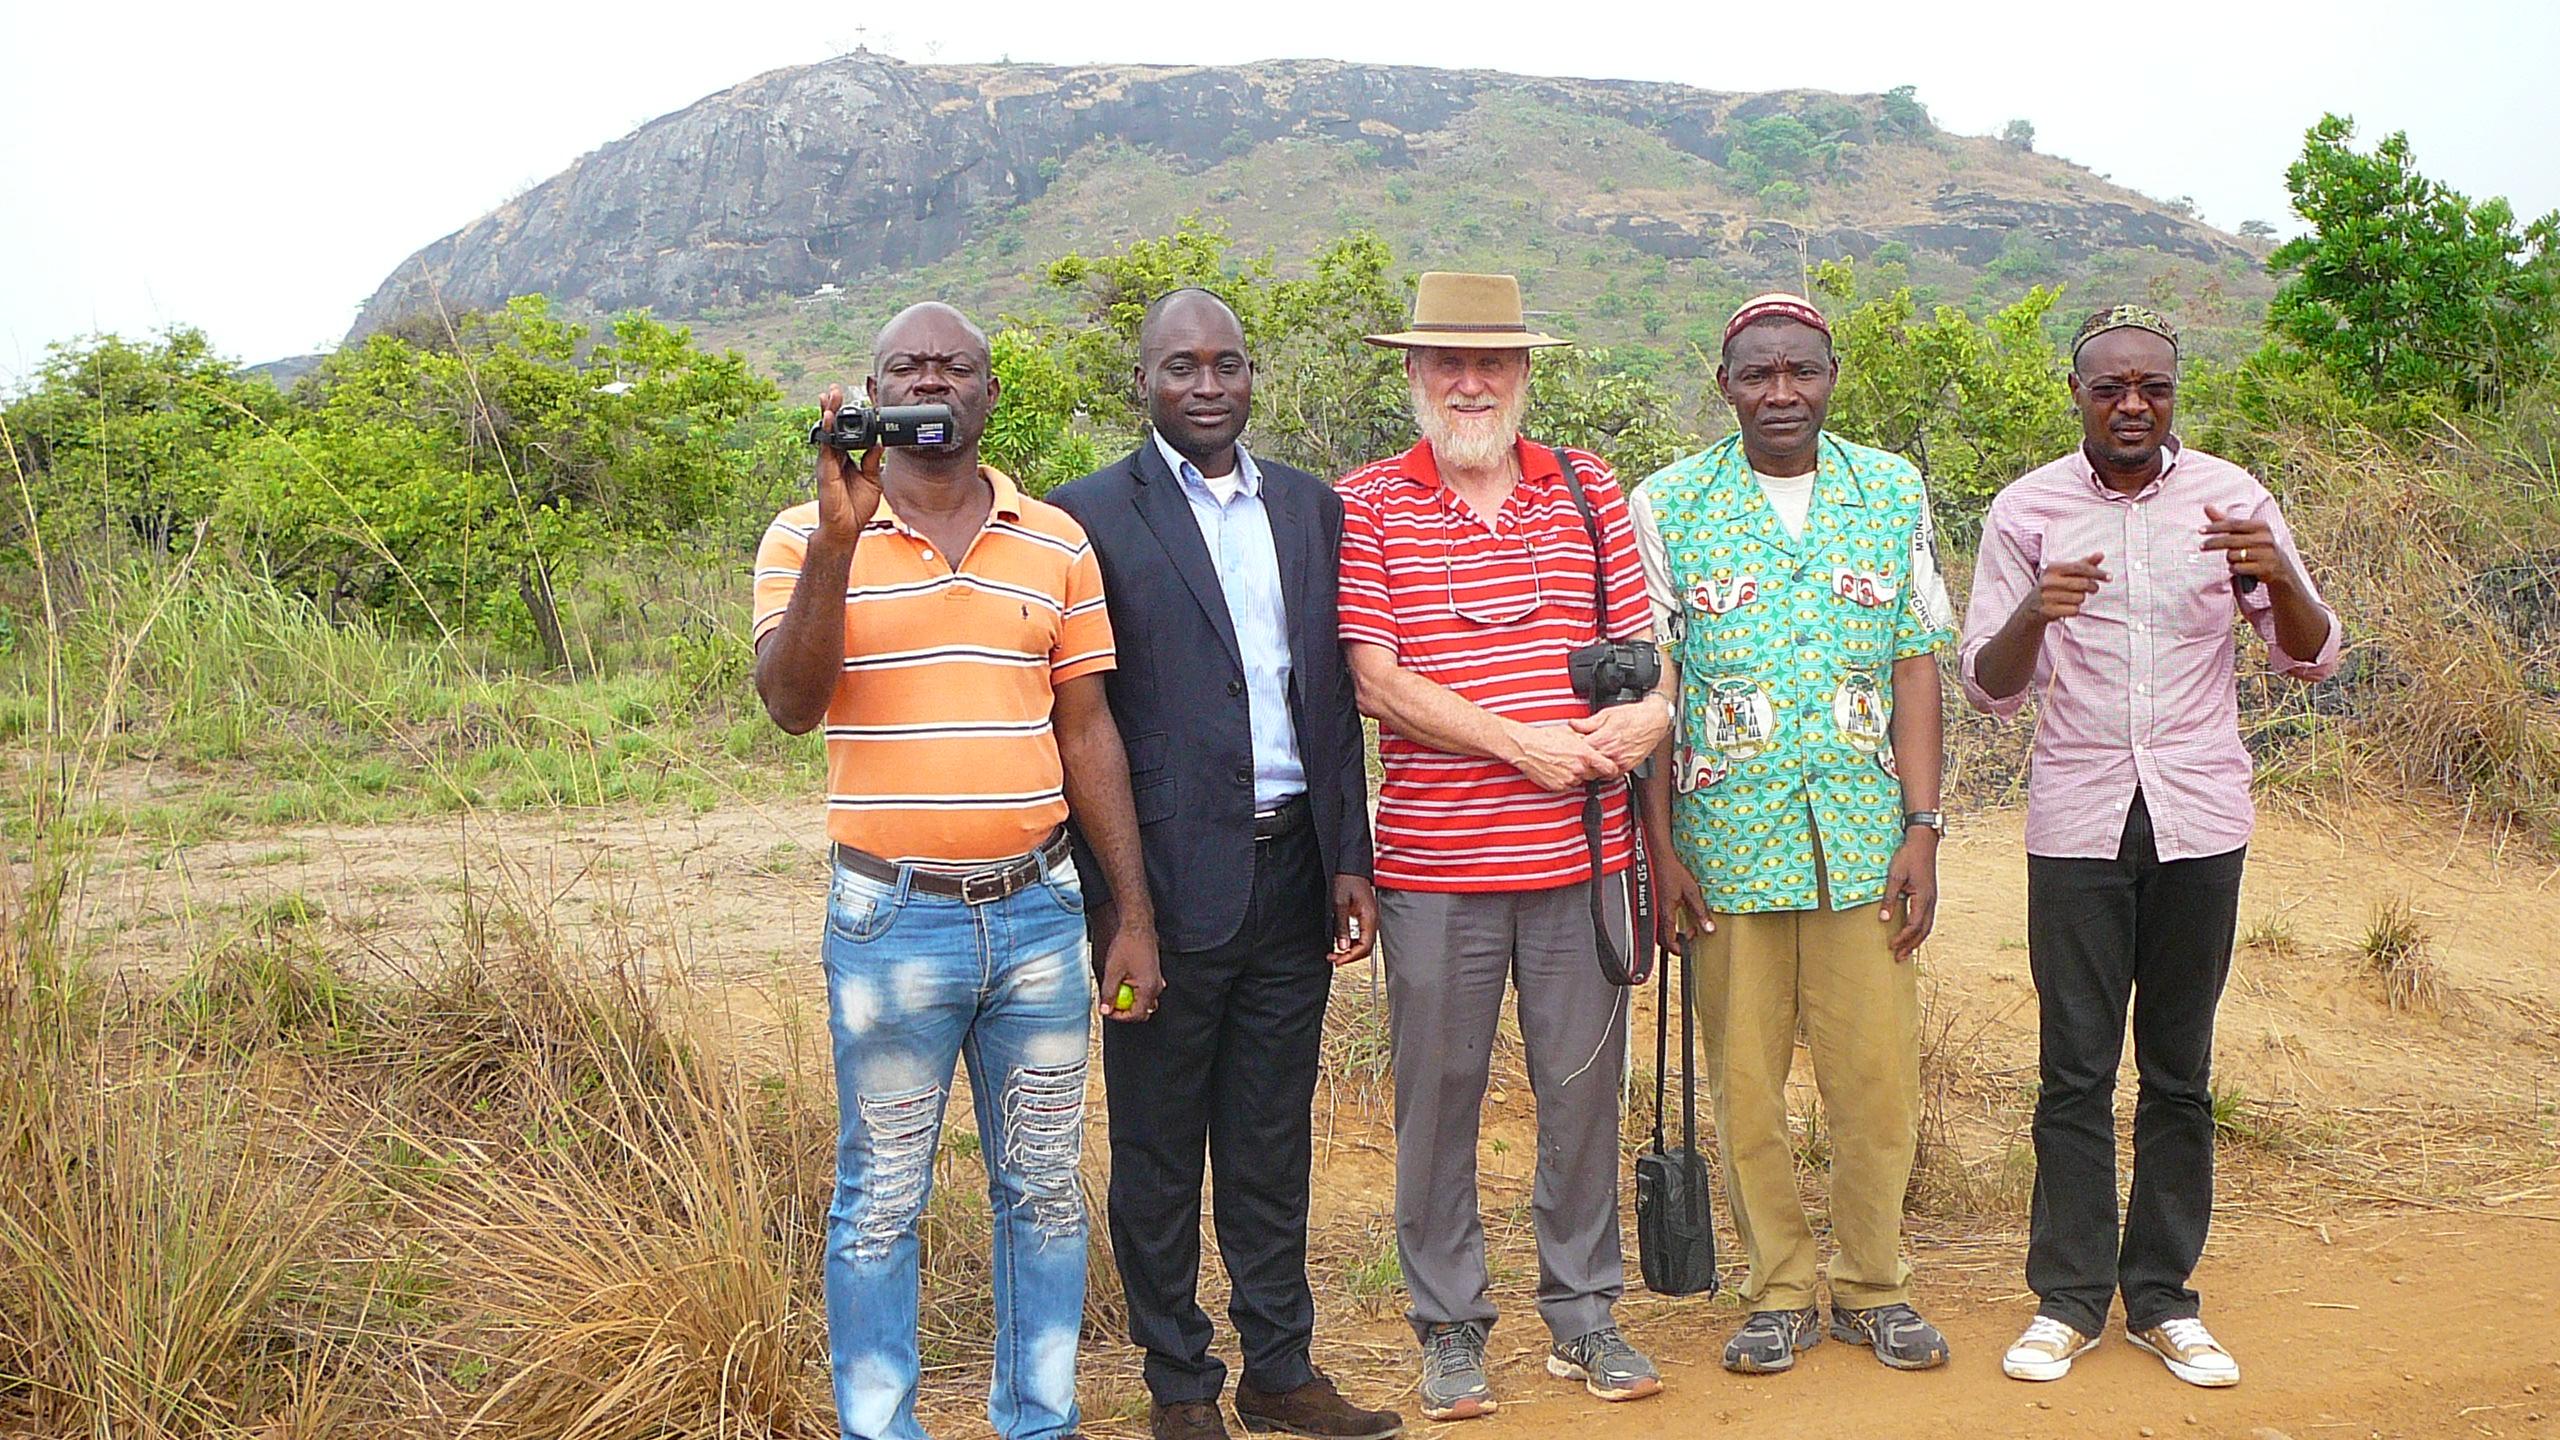 Near the Ngok Lituba hill. From Left: Frederick Ndawo, Serge Etele, Menachem Kuchar, Mr Song, Abia Viany (Photo courtesy of Serge Etele)